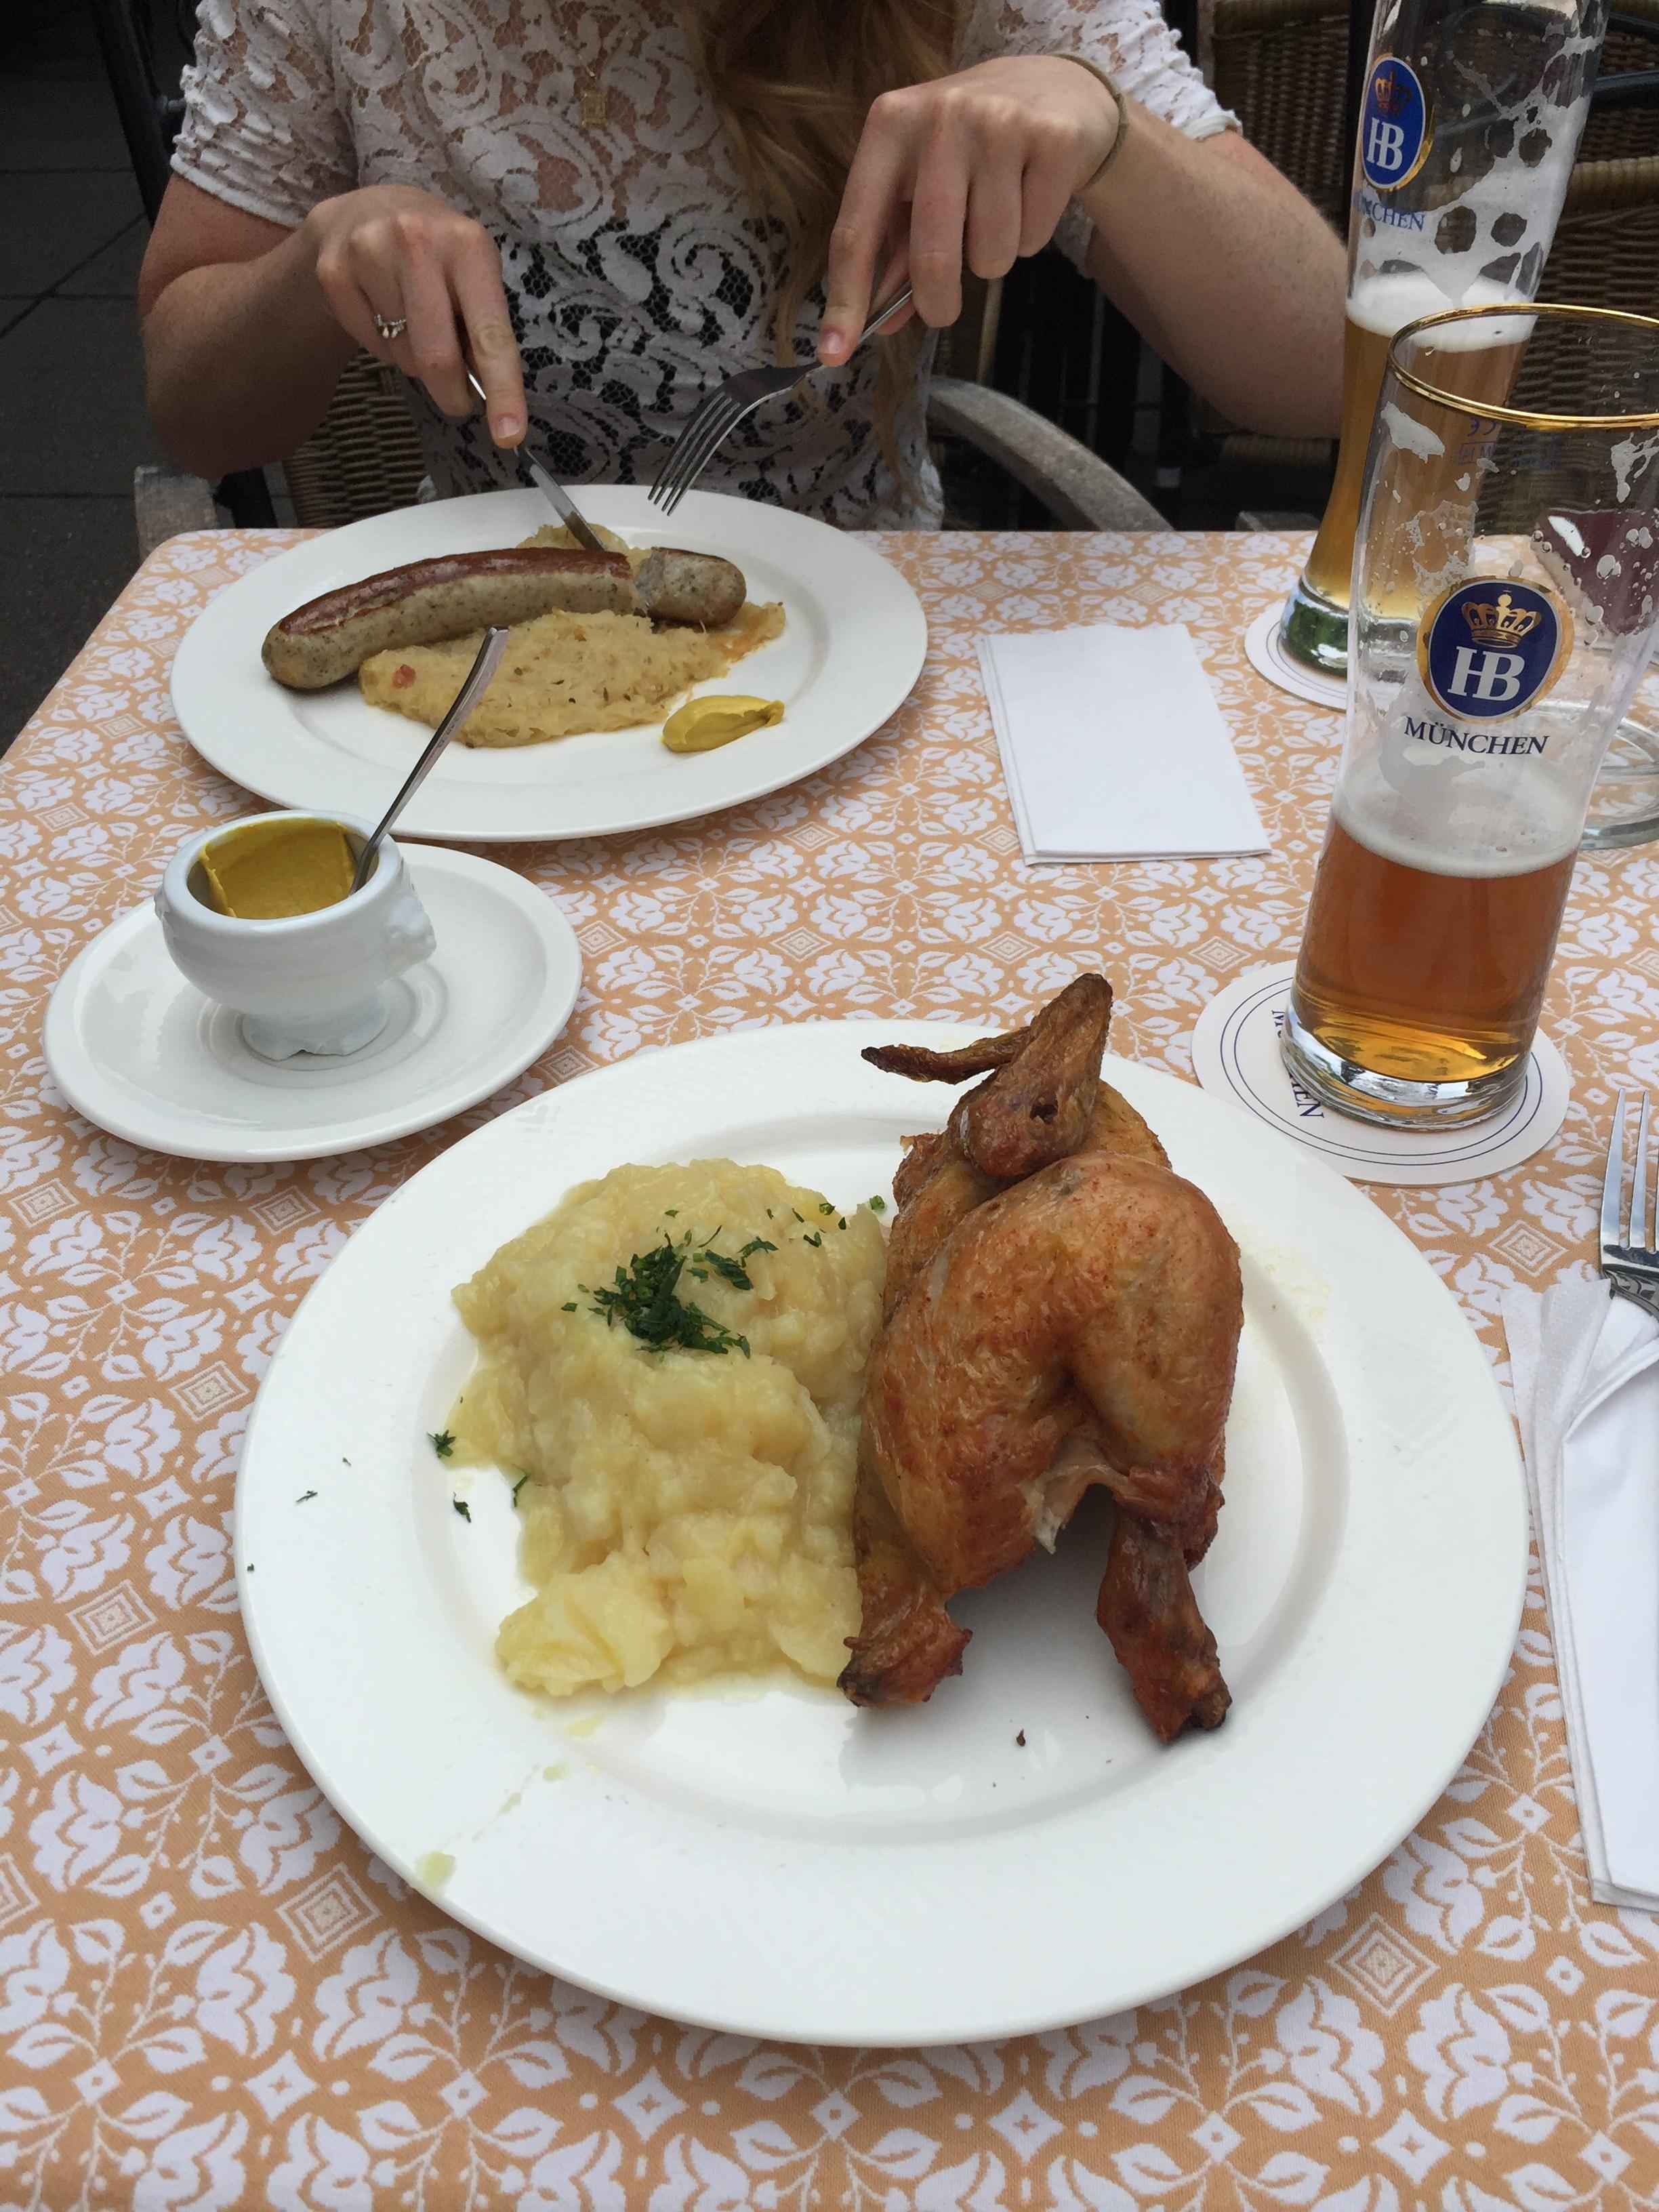 The food was so good at Hofbrauhaus!!!!